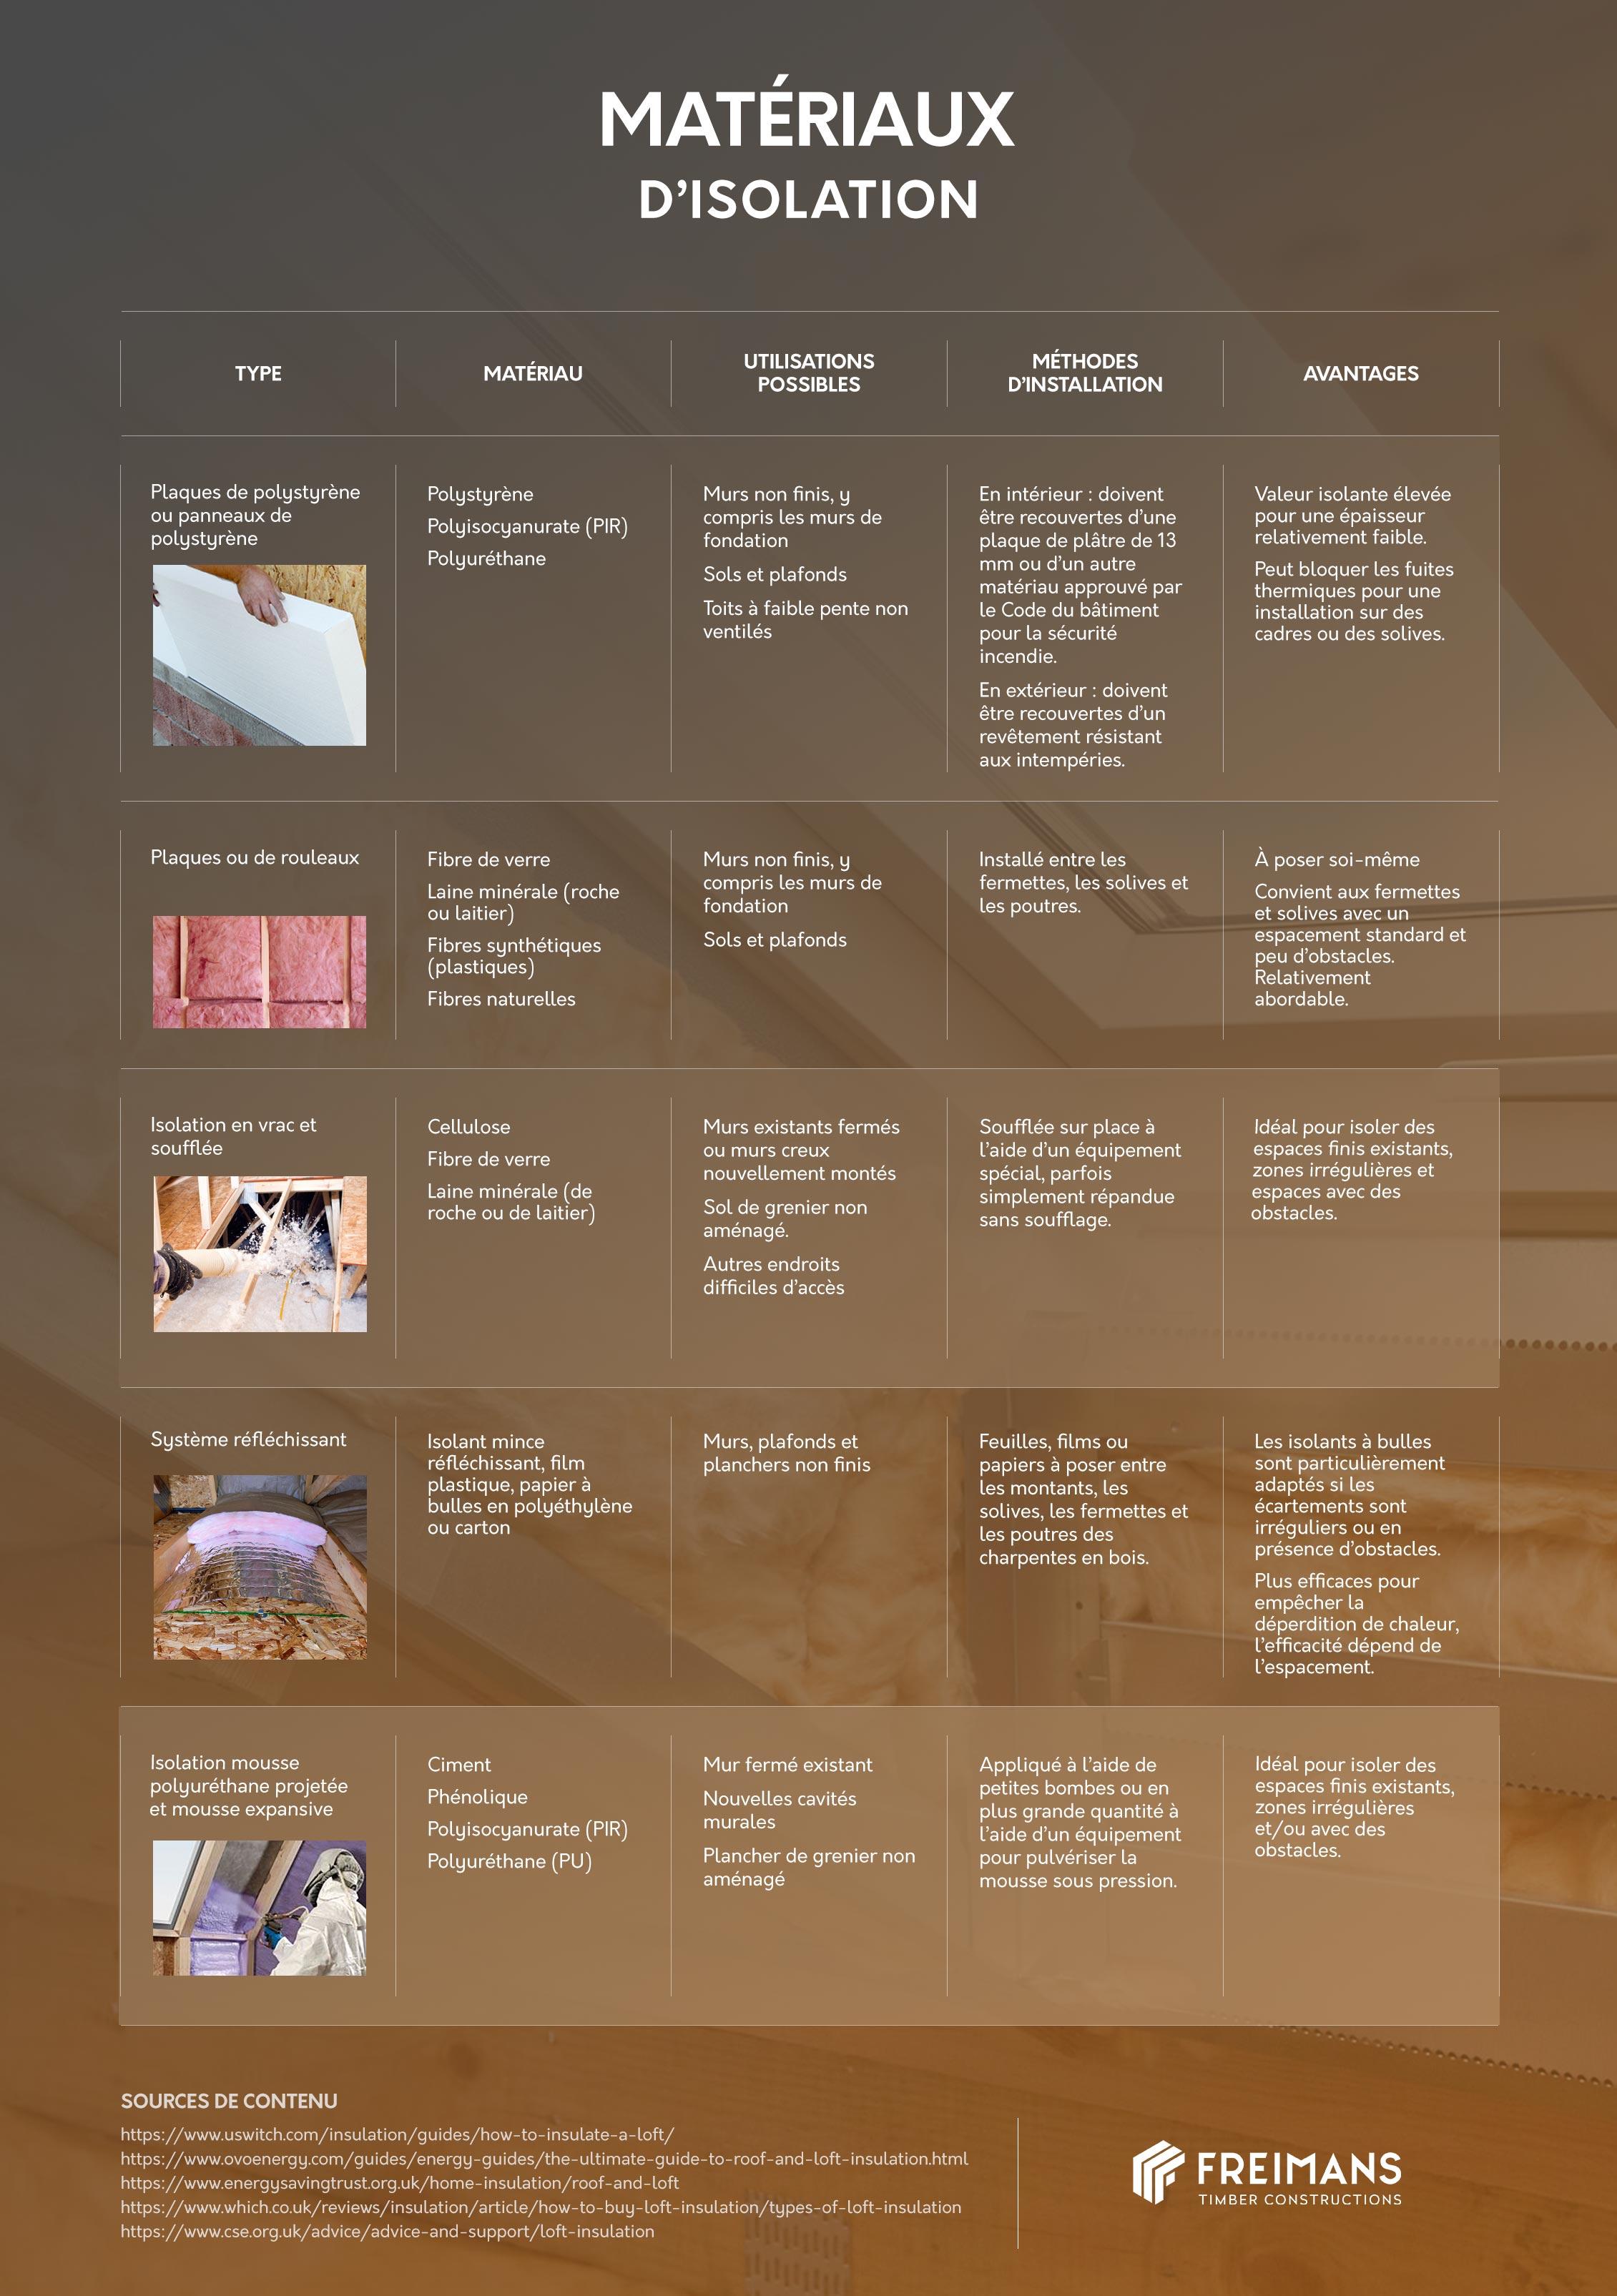 Matériaux et technologies d'isolation